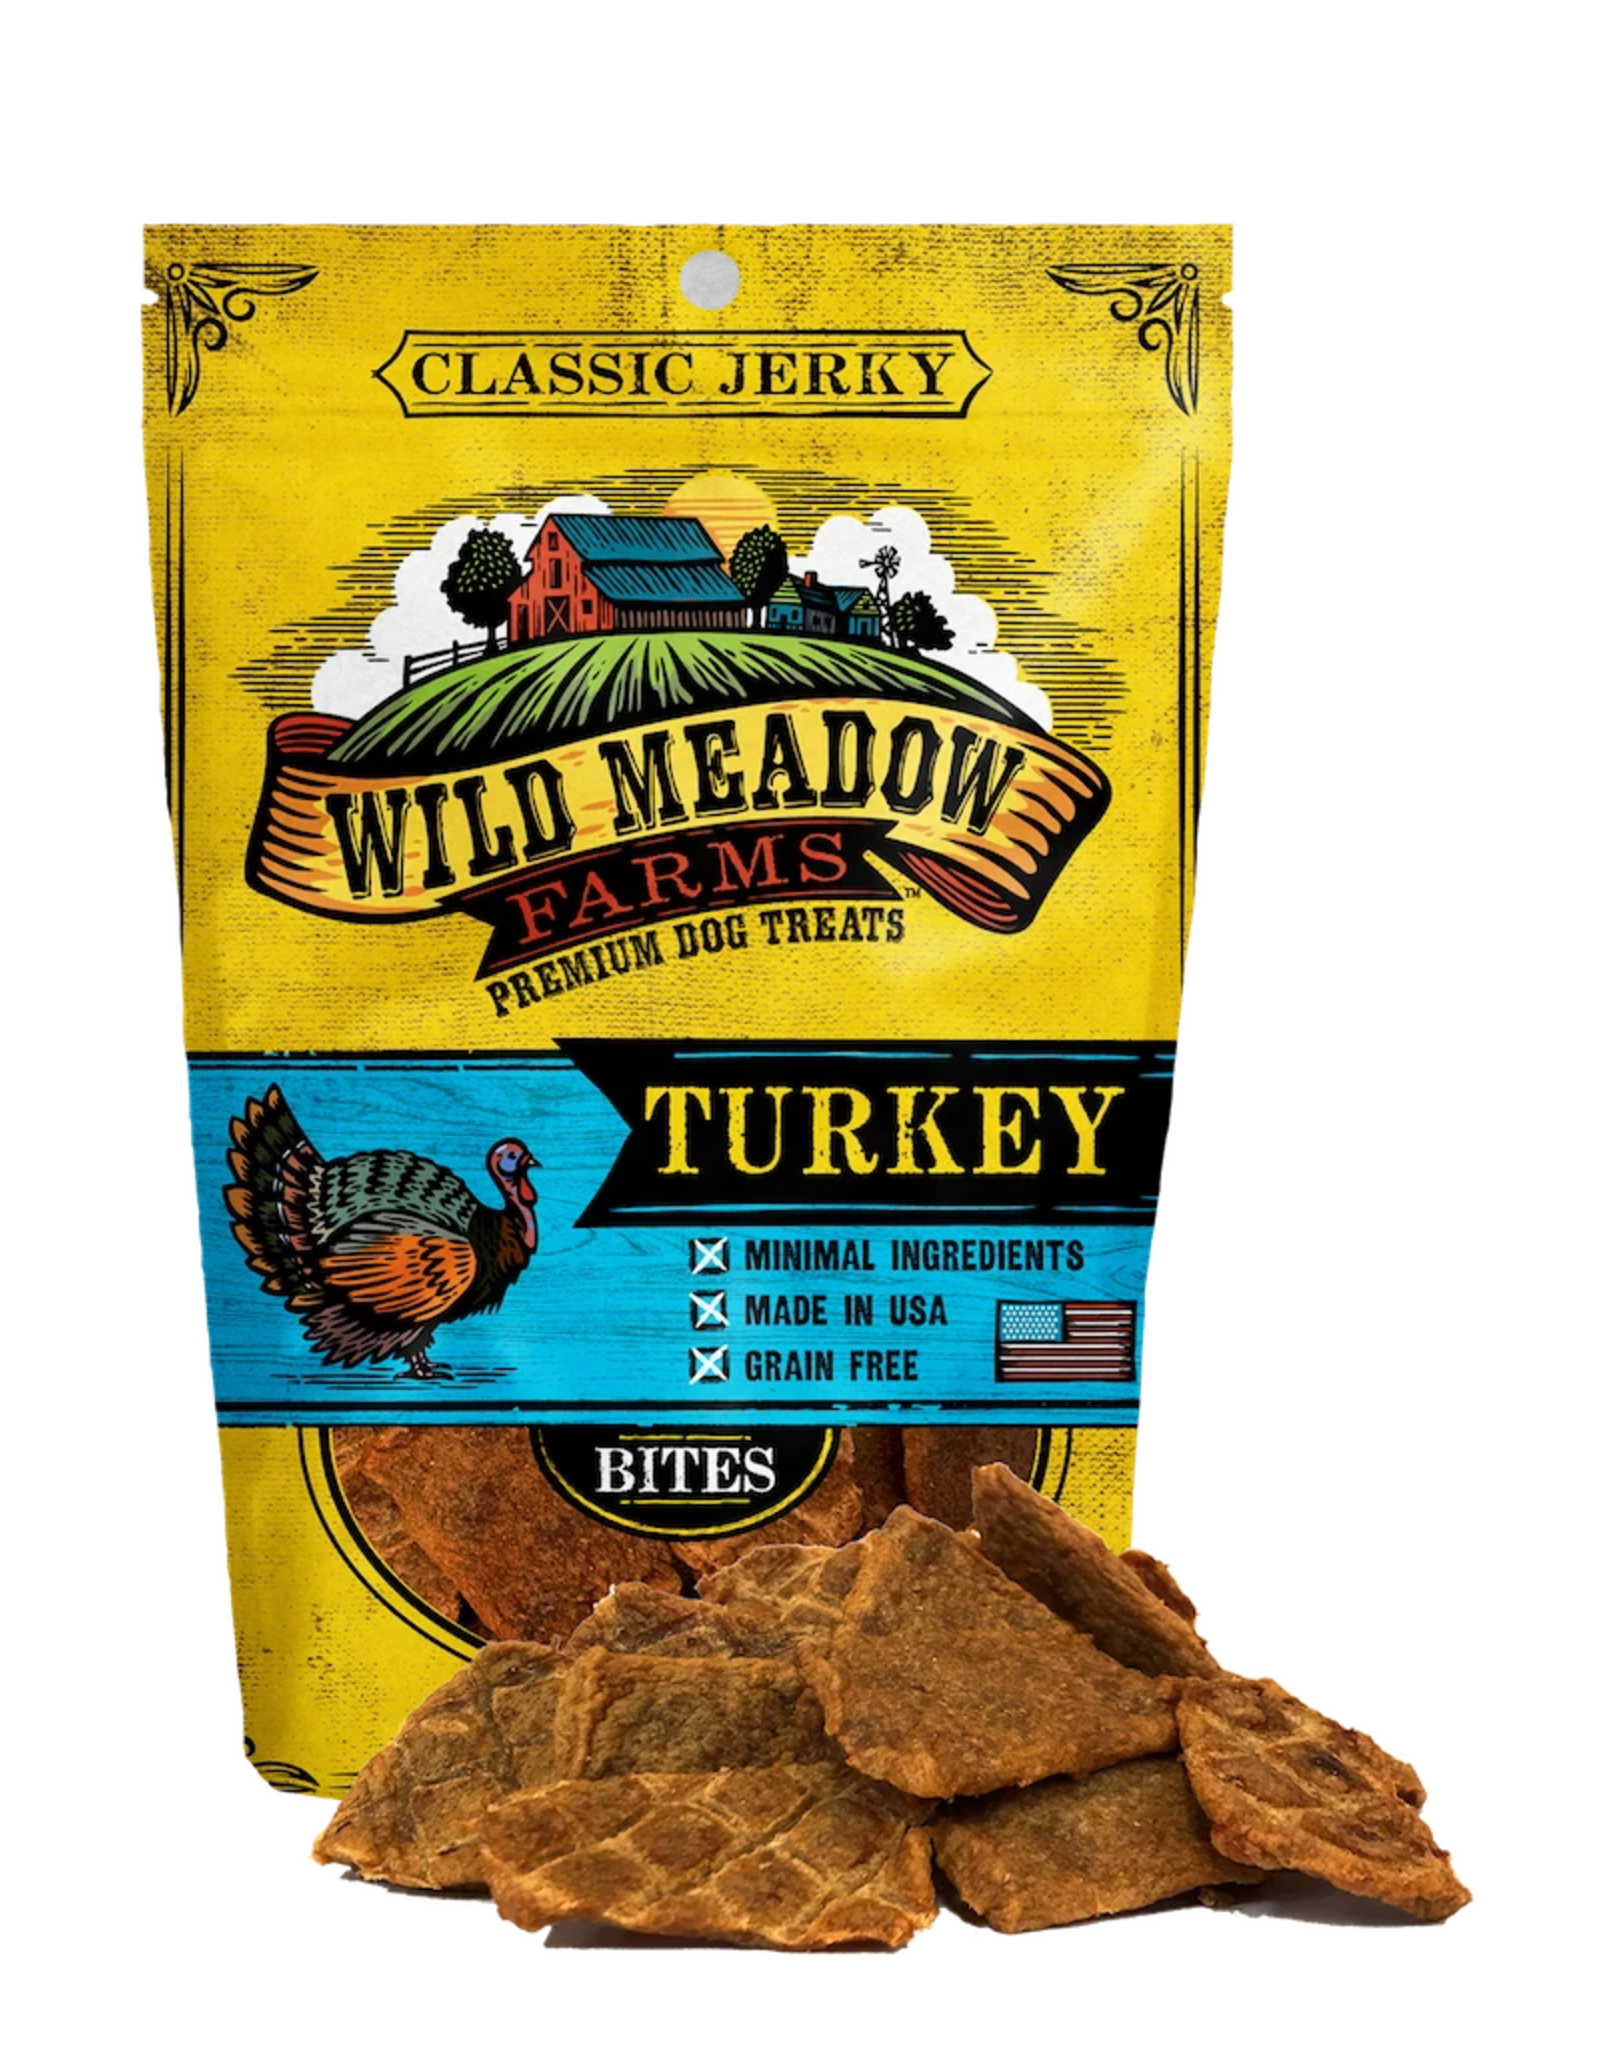 Wild Meadow Farms WILD MEADOW FARMS CLASSIC JERKY TURKEY BITES 4OZ